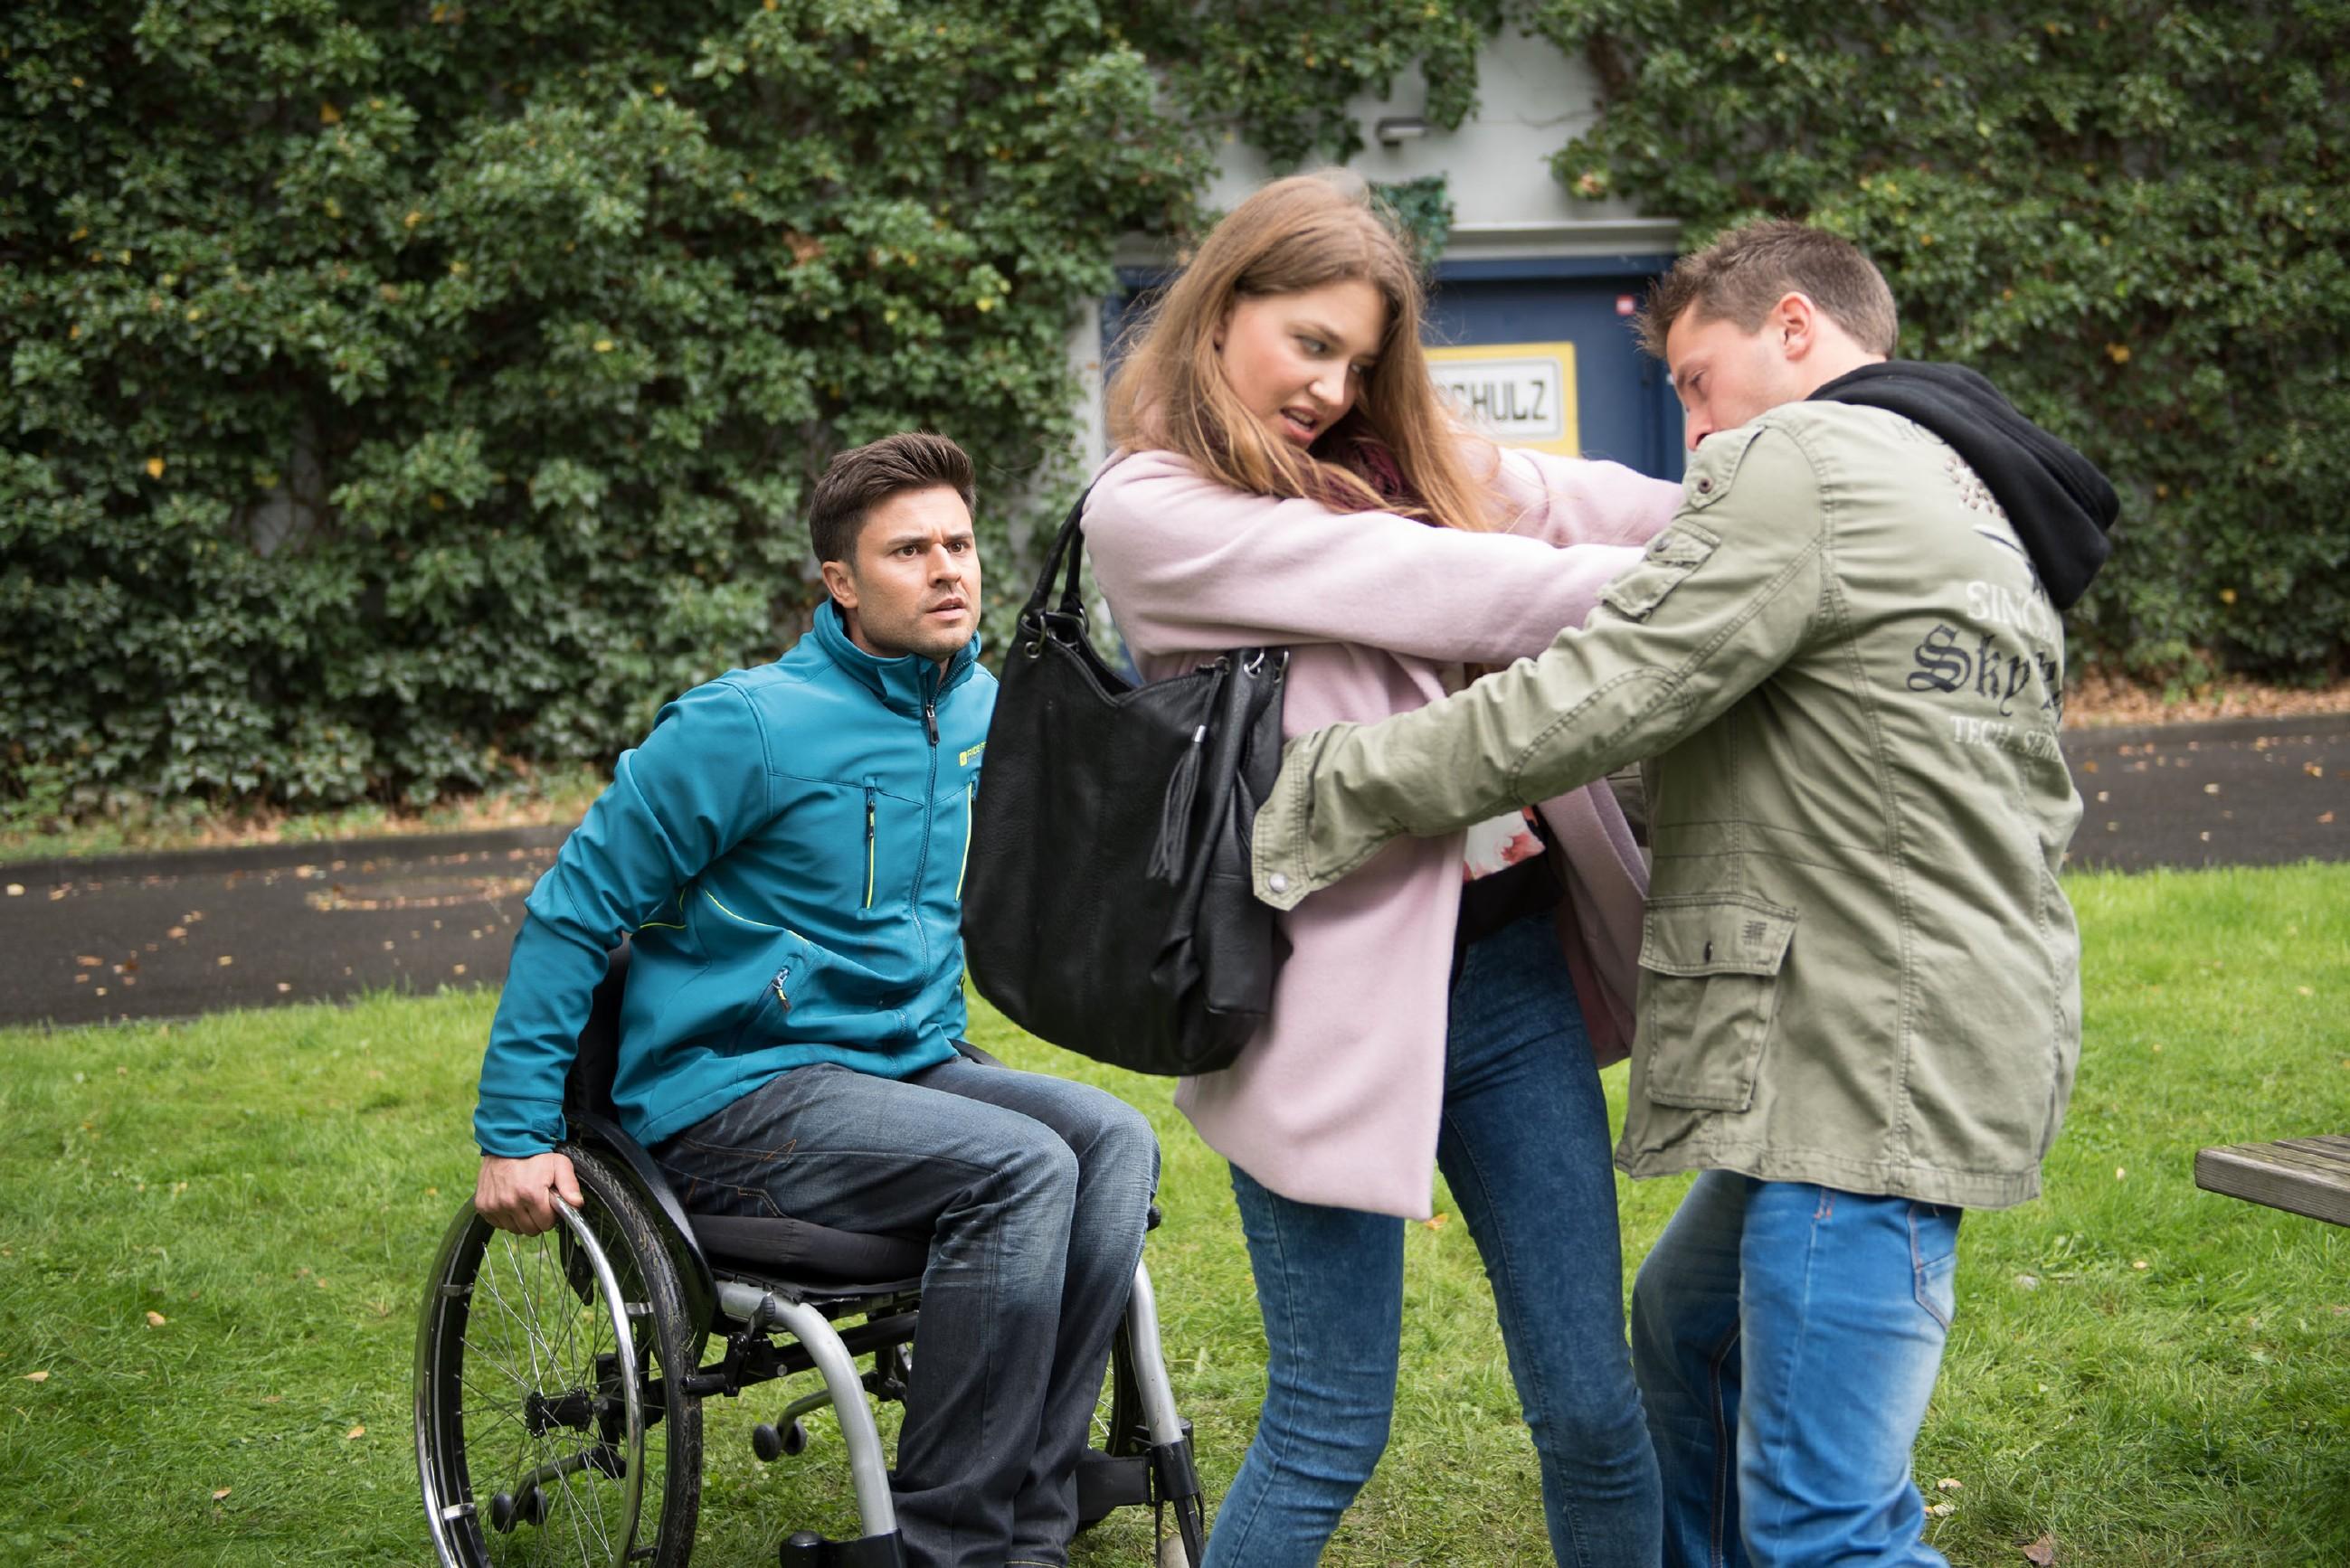 Paco (Milos Vukovic, l.) muss hilflos mitansehen, wie Jule (Amrei Haardt) von einem Typen (Komparse) angegriffen wird... (Quelle: RTL / Stefan Behrens)